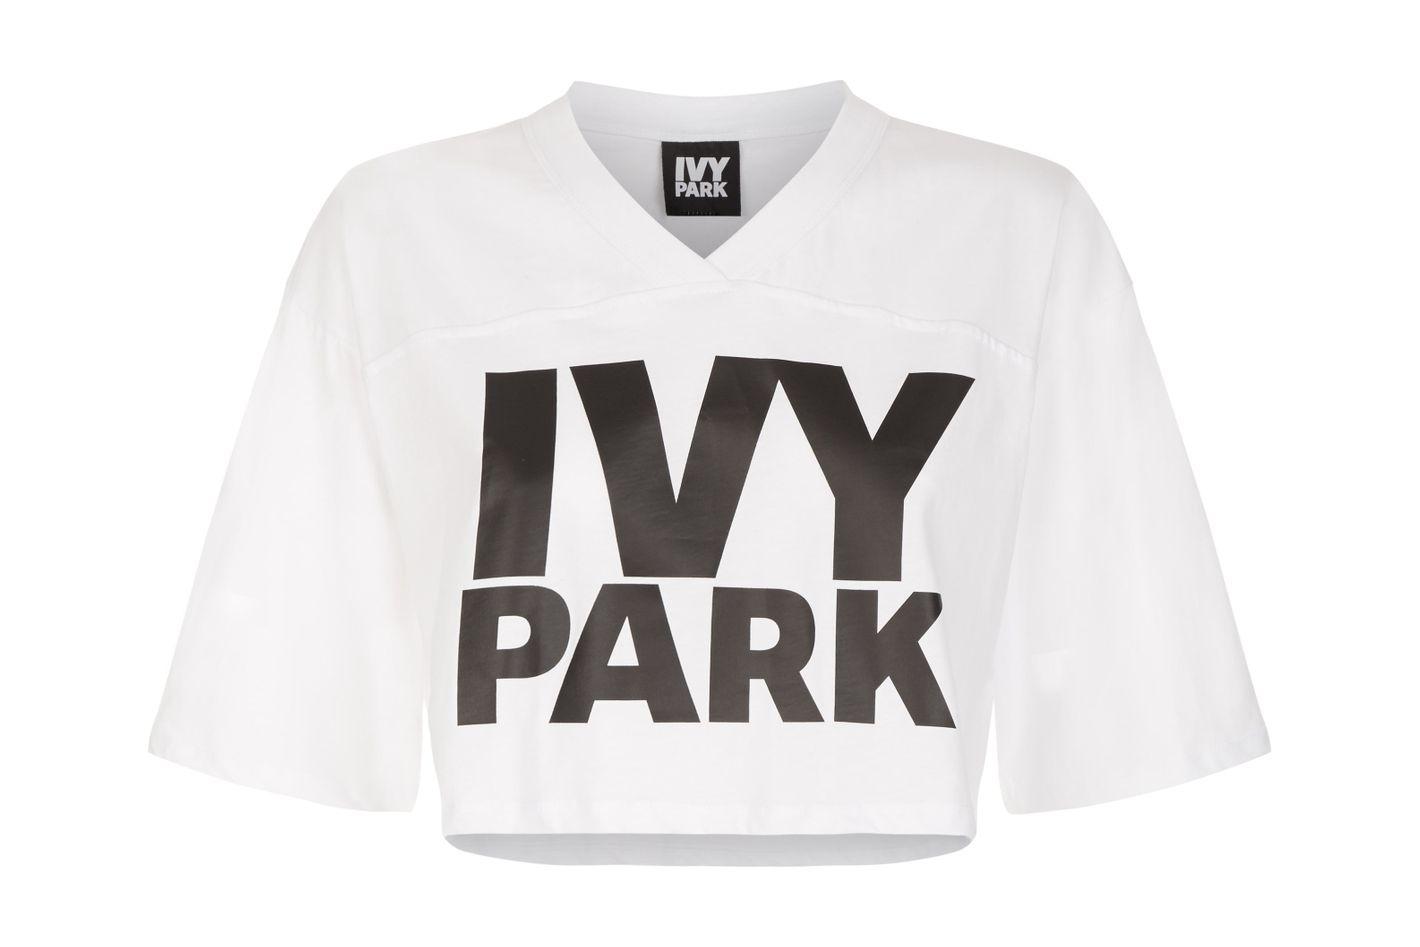 Ivy Park Crop Tee